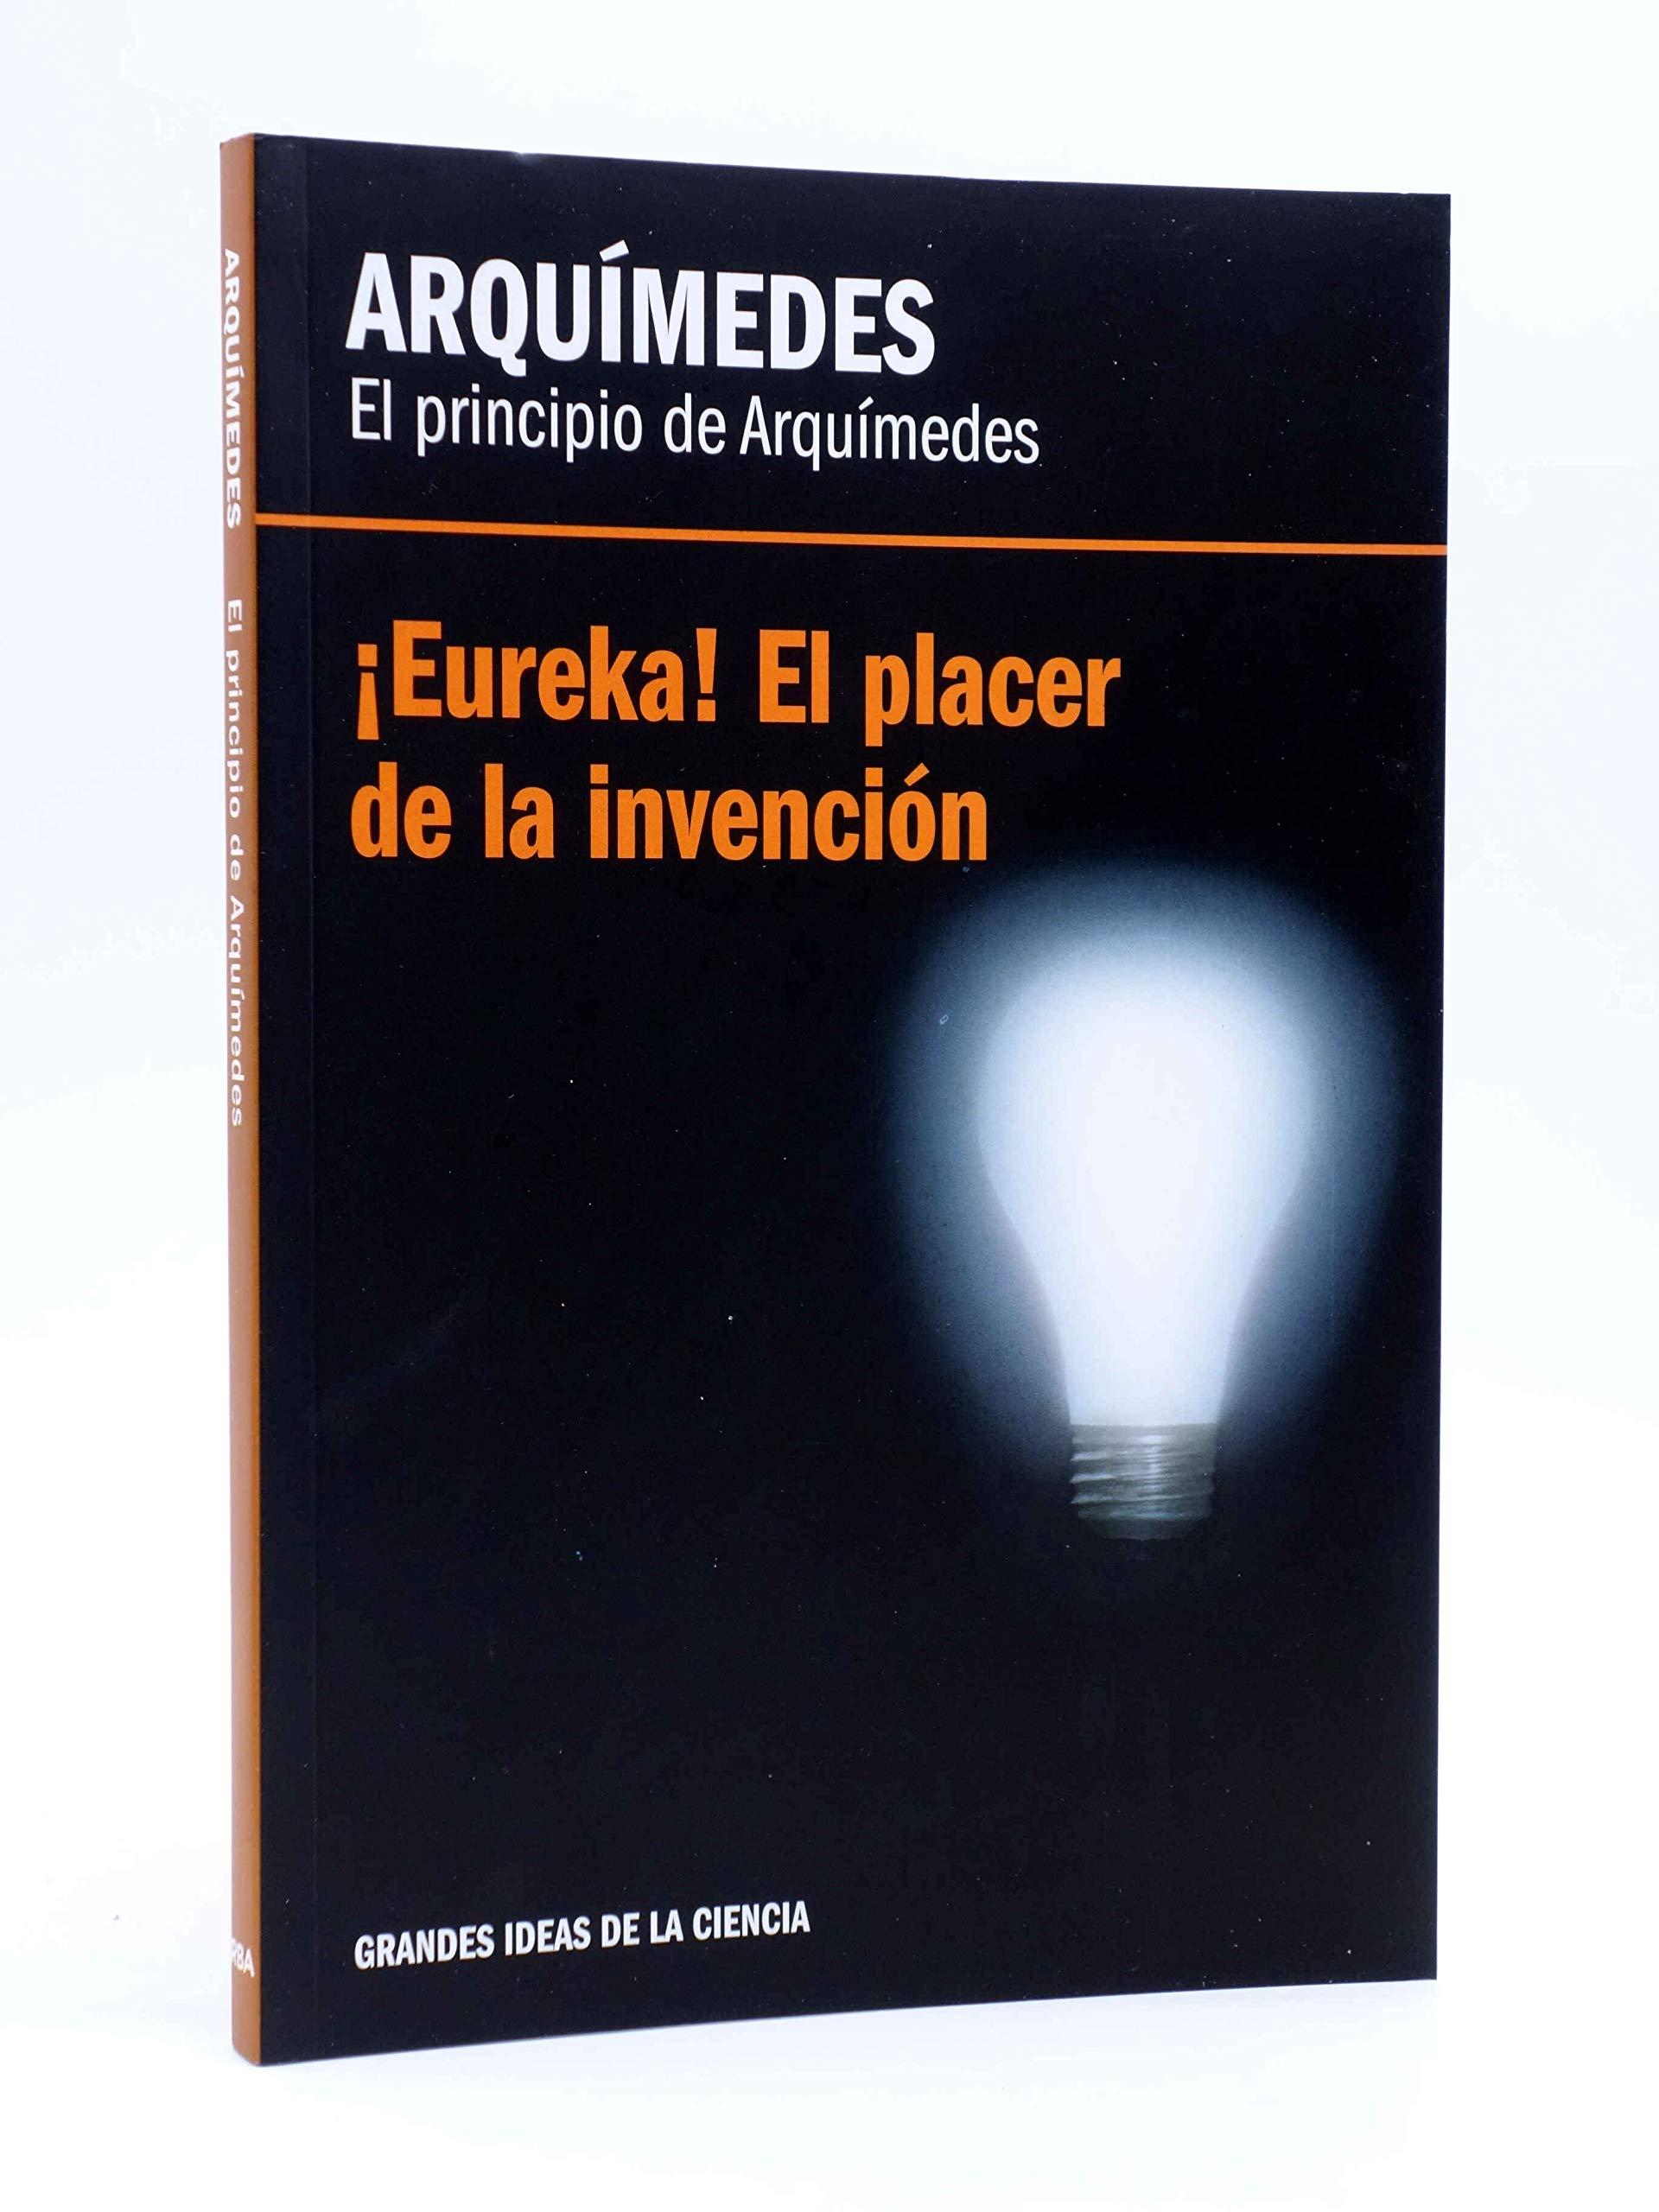 Arquímedes, El principio de Arquímedes. Eureka, el placer de la invención: Amazon.es: Fernández Aguilar, Eugenio M.: Libros